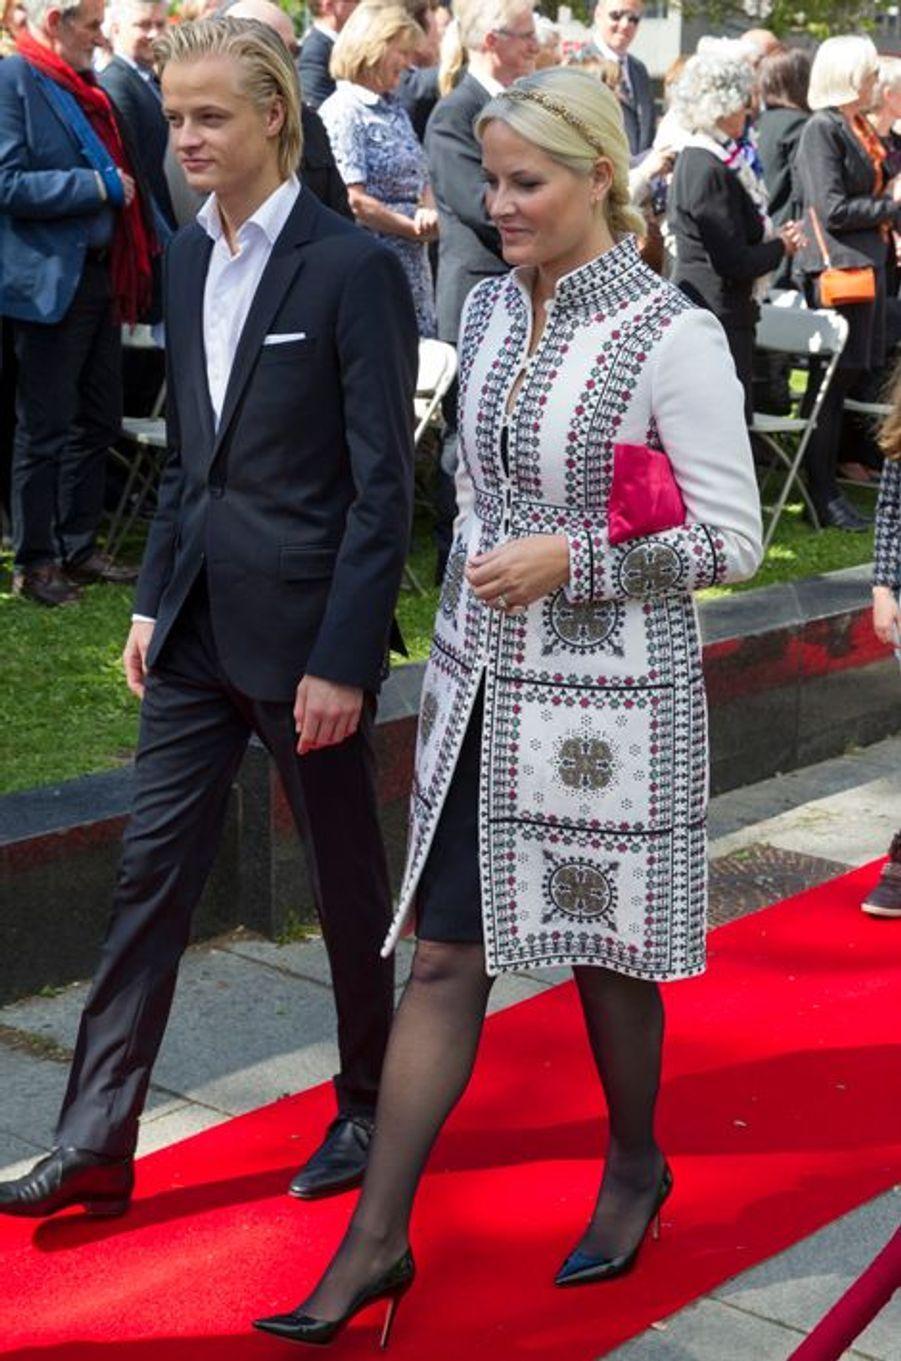 La princesse Mette-Marit de Norvège avec son fils aîné Marius Borg Hoiby à Oslo, le 7 juin 2015